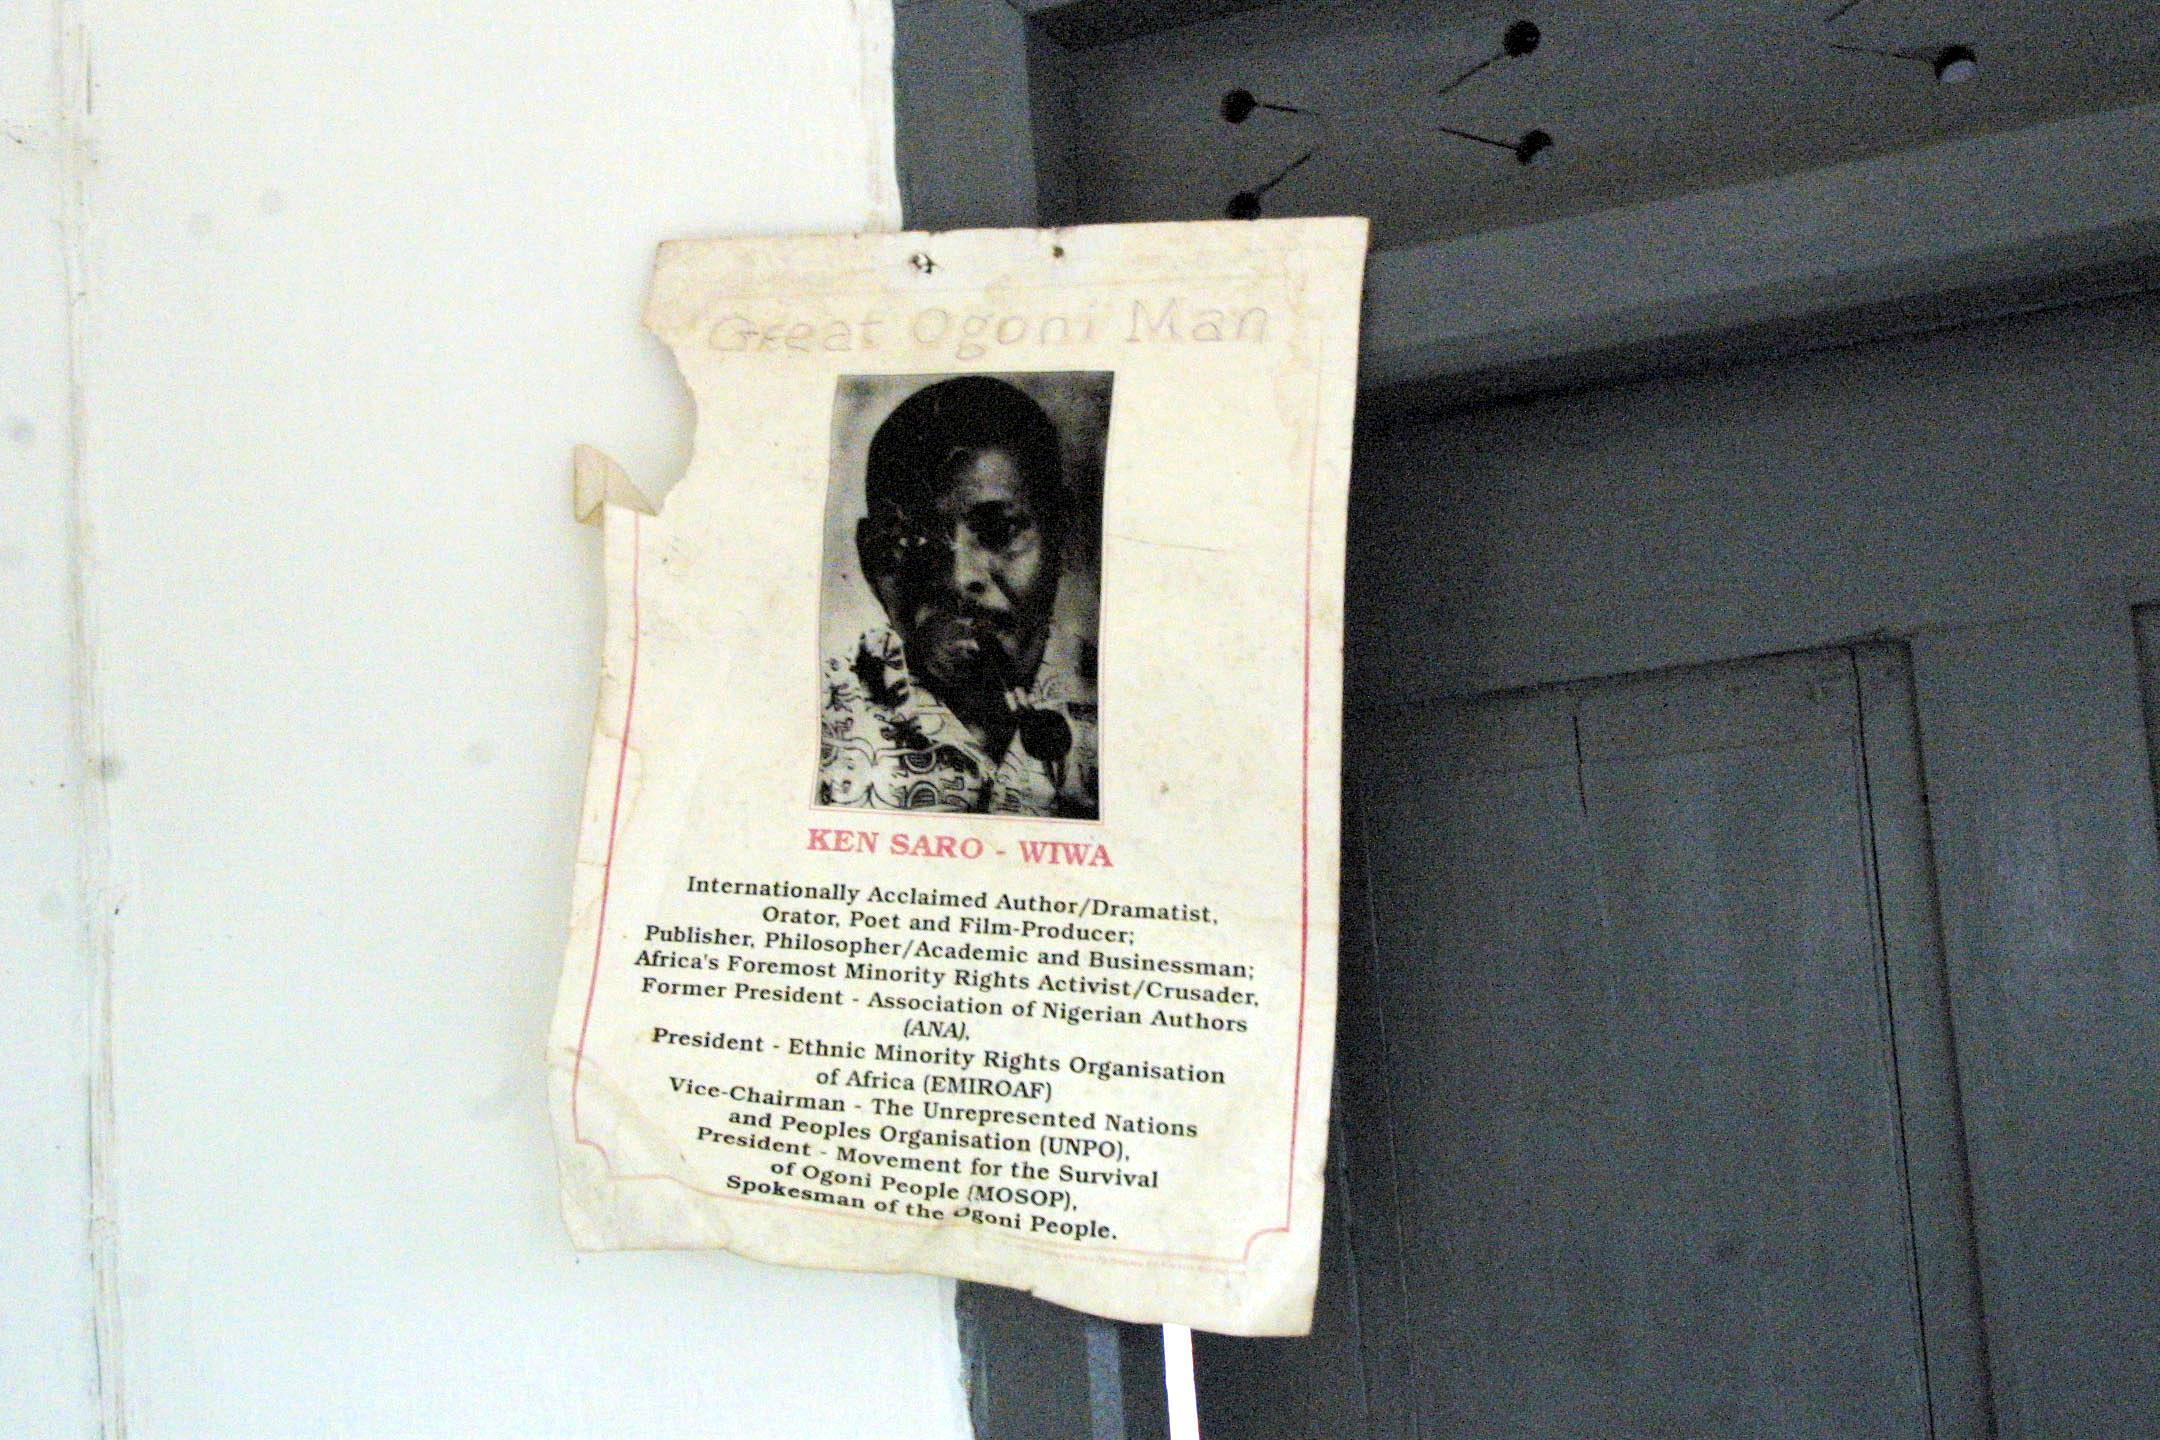 Une affiche avec la photo de Ken Saro-Wiwa placardée chez son père, à Bane dans le Delta du Niger, le 19 novembre 2003.